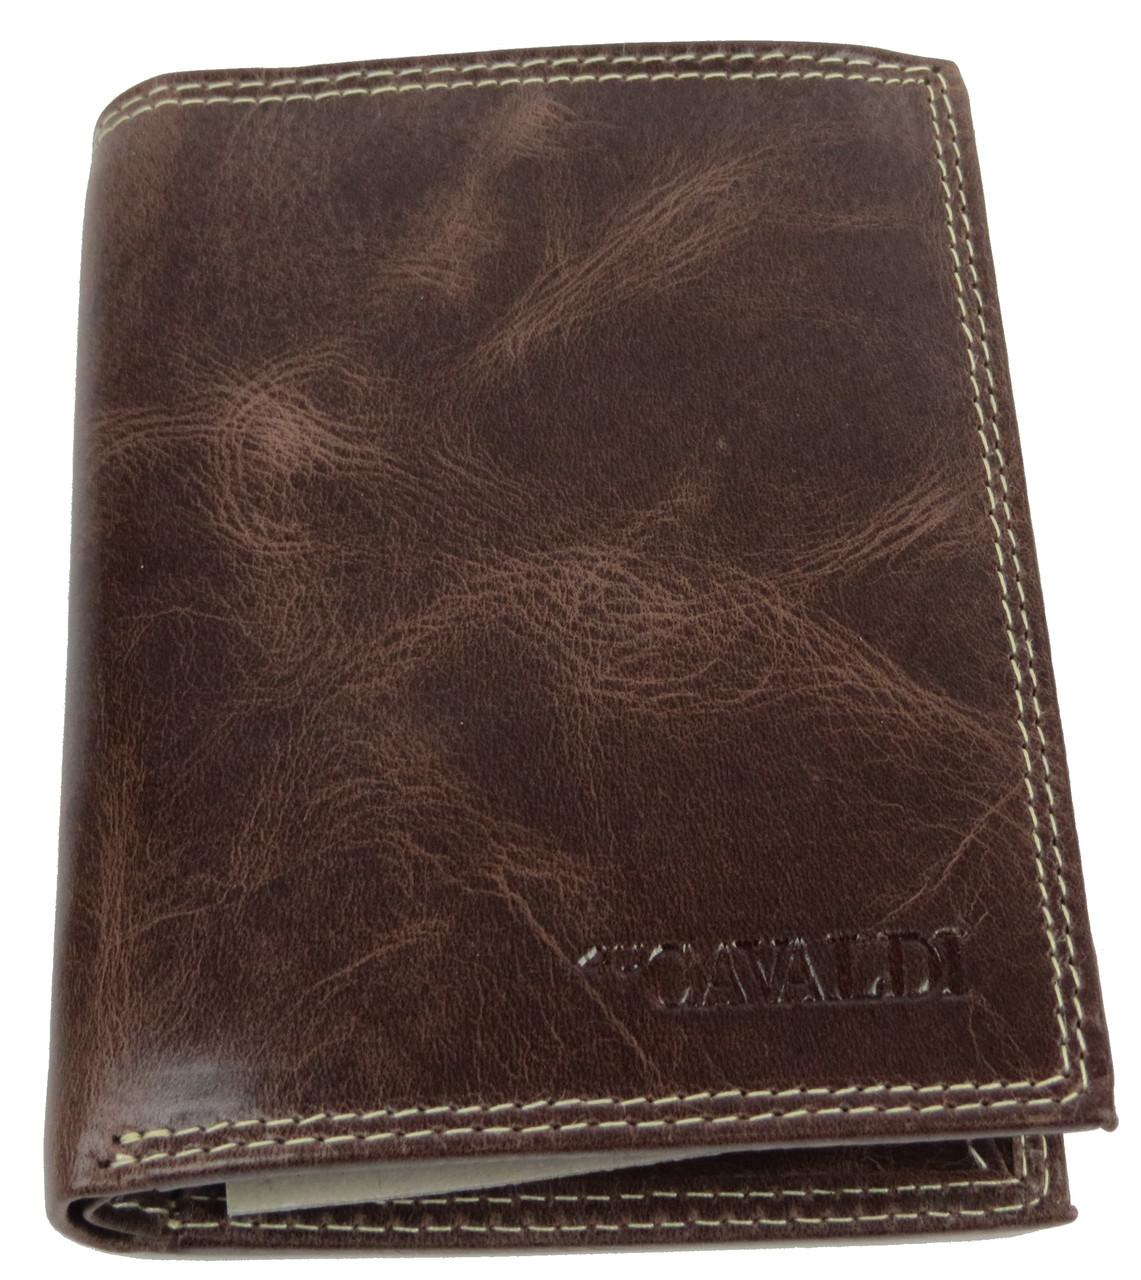 Мужское кожаное портмоне ALWAYS WILD SPRM034 Brown коричневый